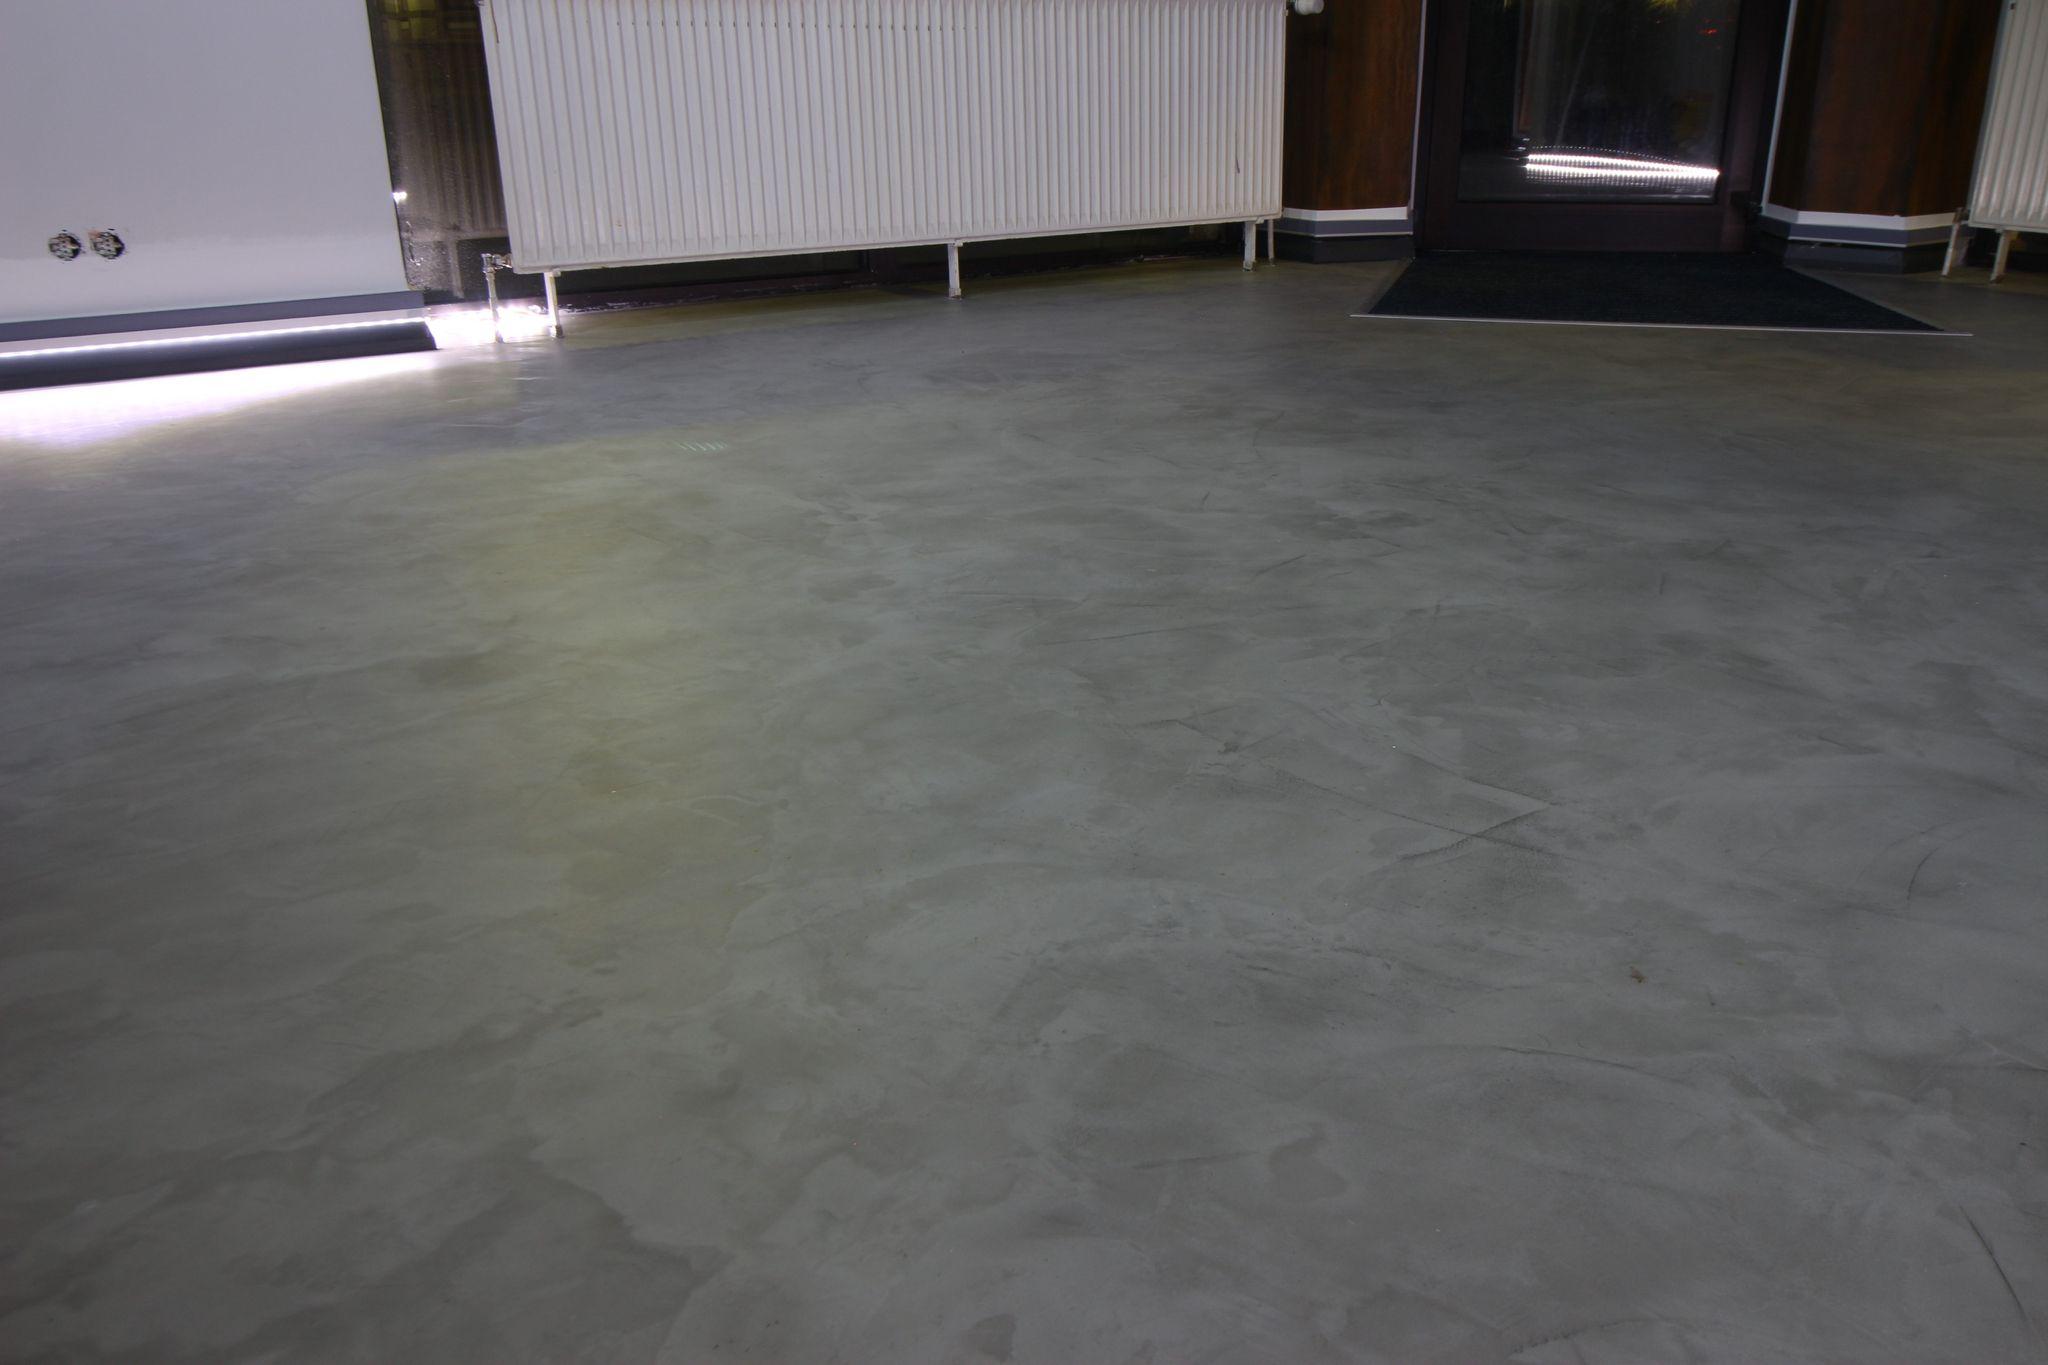 Fugenloser Fußboden fugenloser bodenbelag in kräftigen grau in unserem showroom